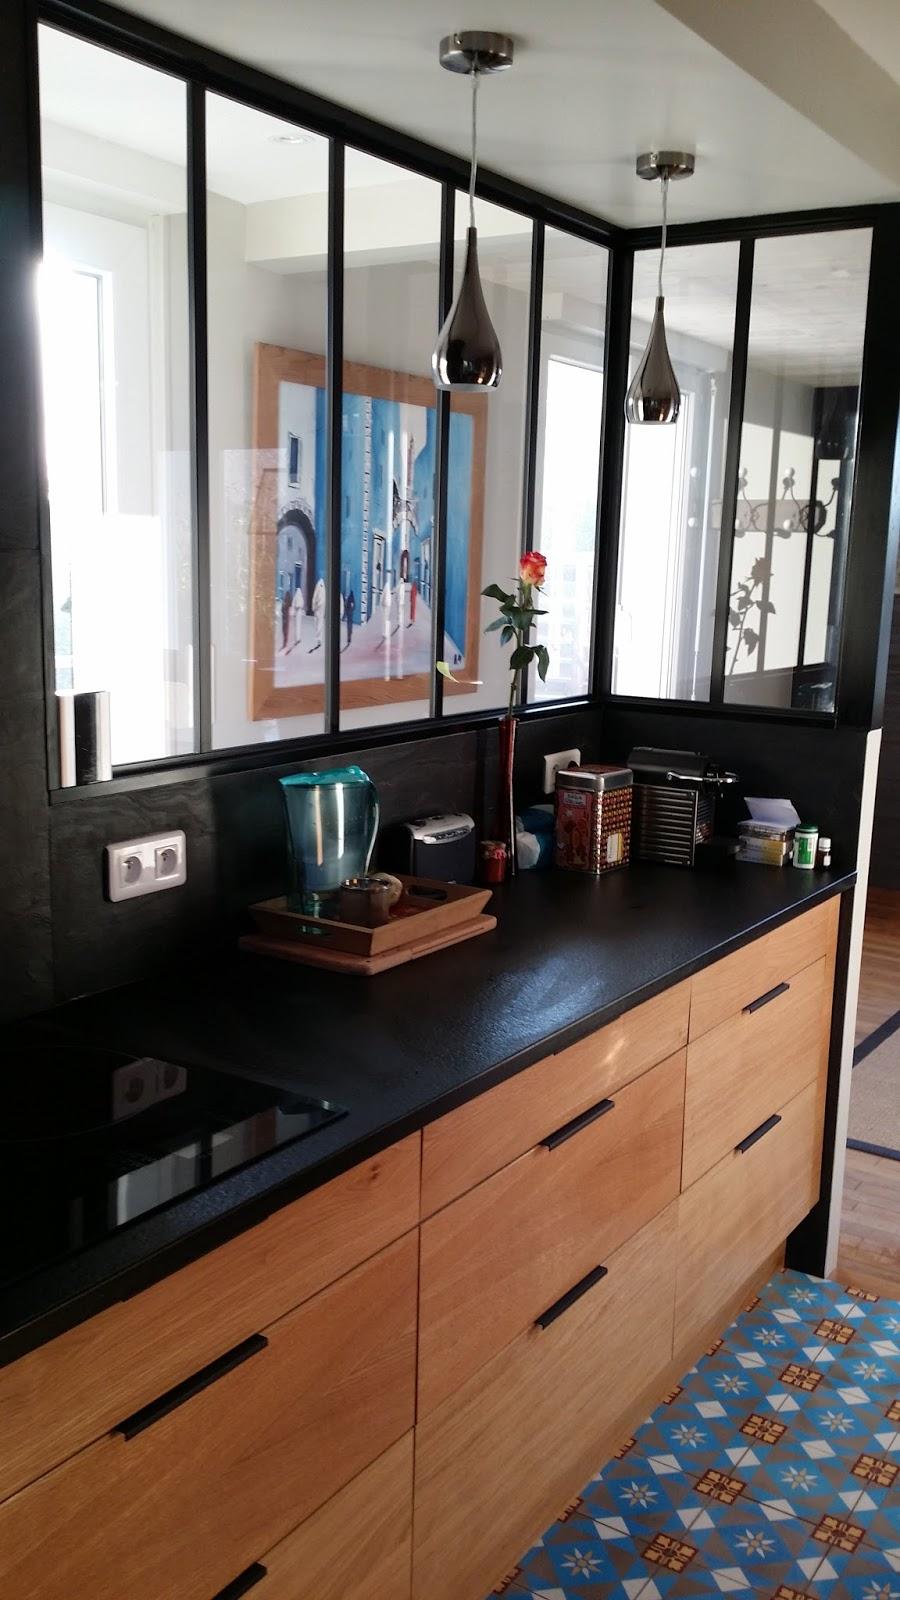 Plan Travail Cuisine Noir michel le coz agencement & décoration: cuisine bois et noire